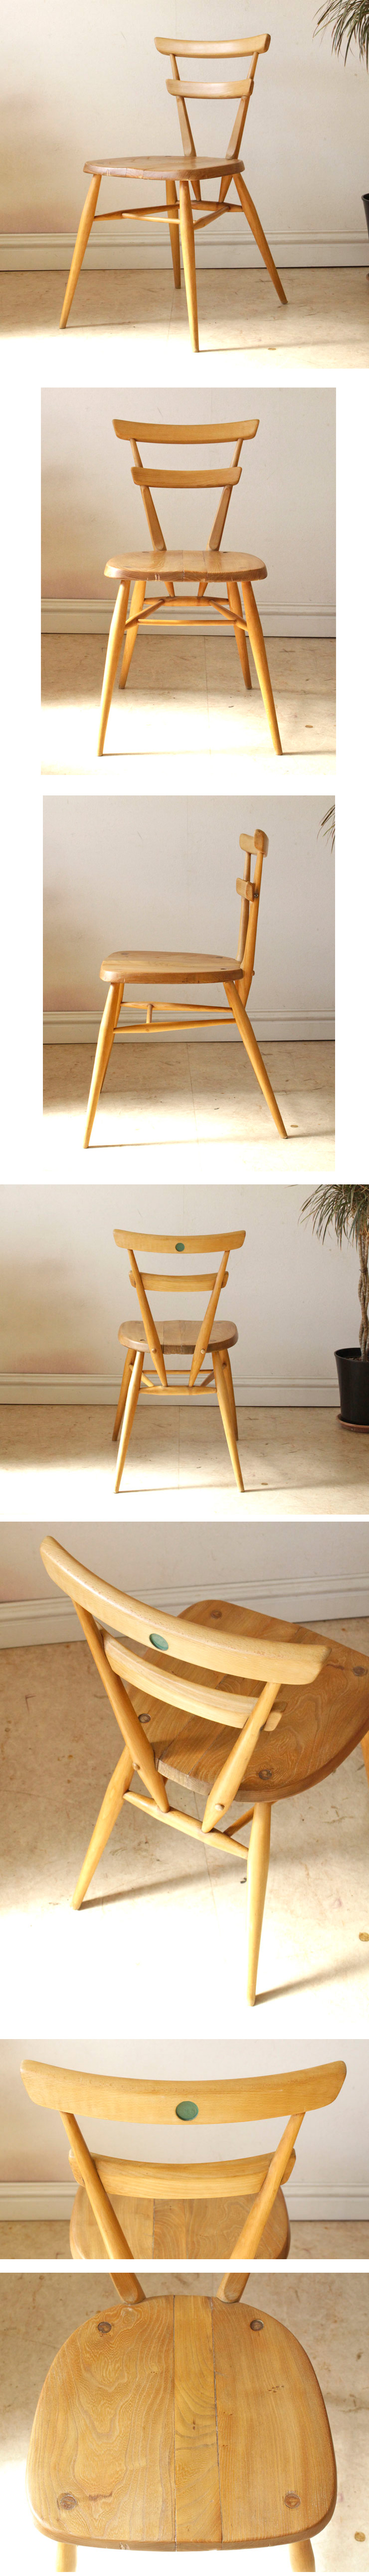 ERCOLアーコール・スタッキングチェア大人用・グリーンドット/イギリス製ビンテージ・アンティーク輸入家具